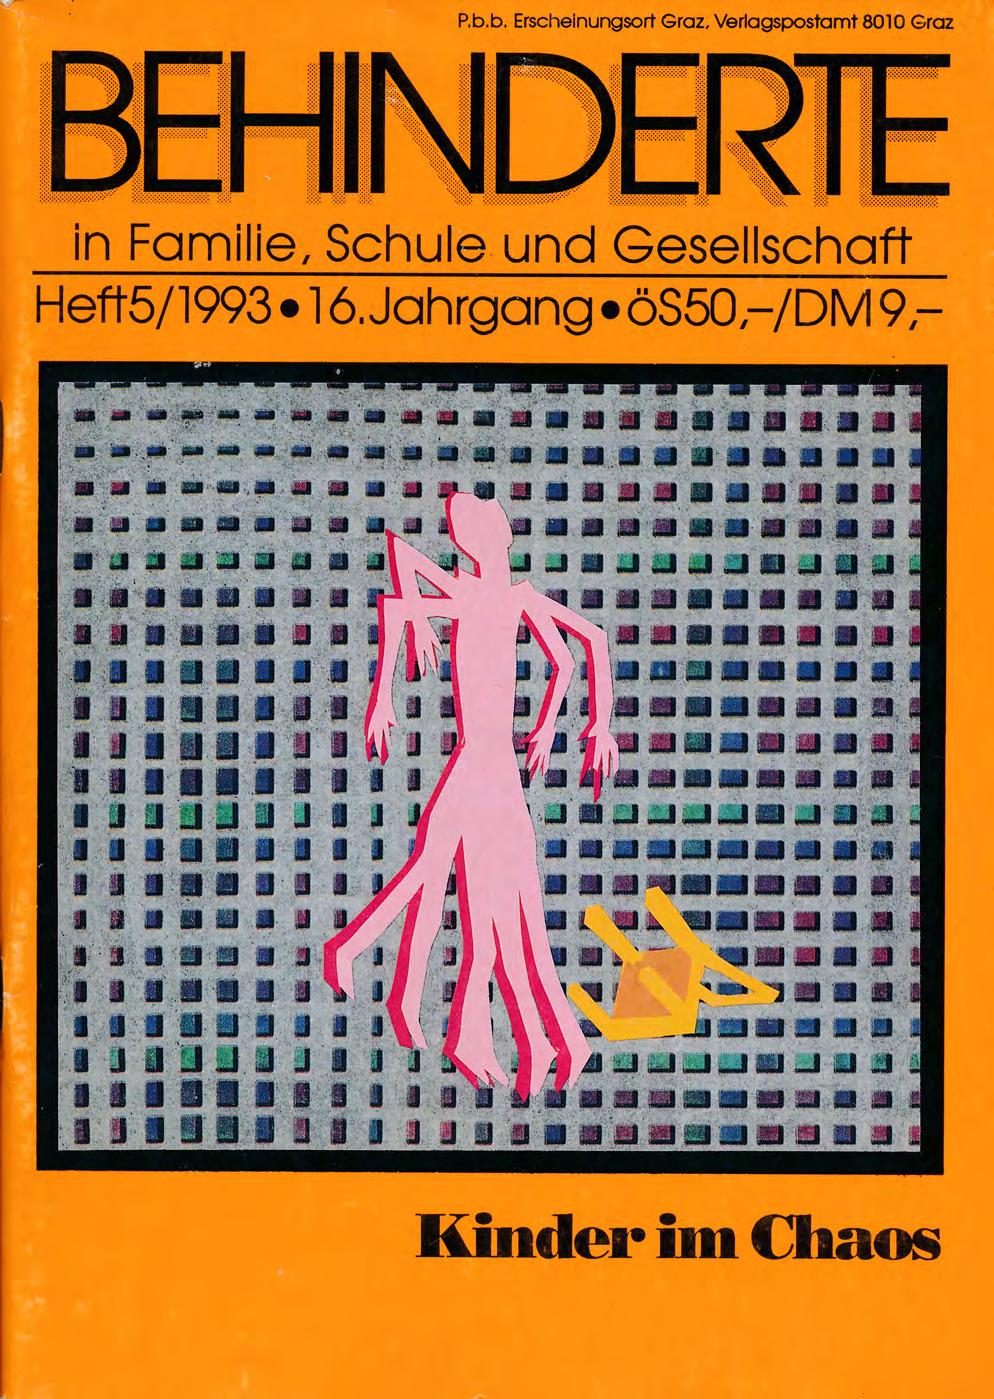 """Titelbild der Zeitschrift BEHINDERTE MENSCHEN, Ausgabe 5/1993 """"Kinder im Chaos"""""""